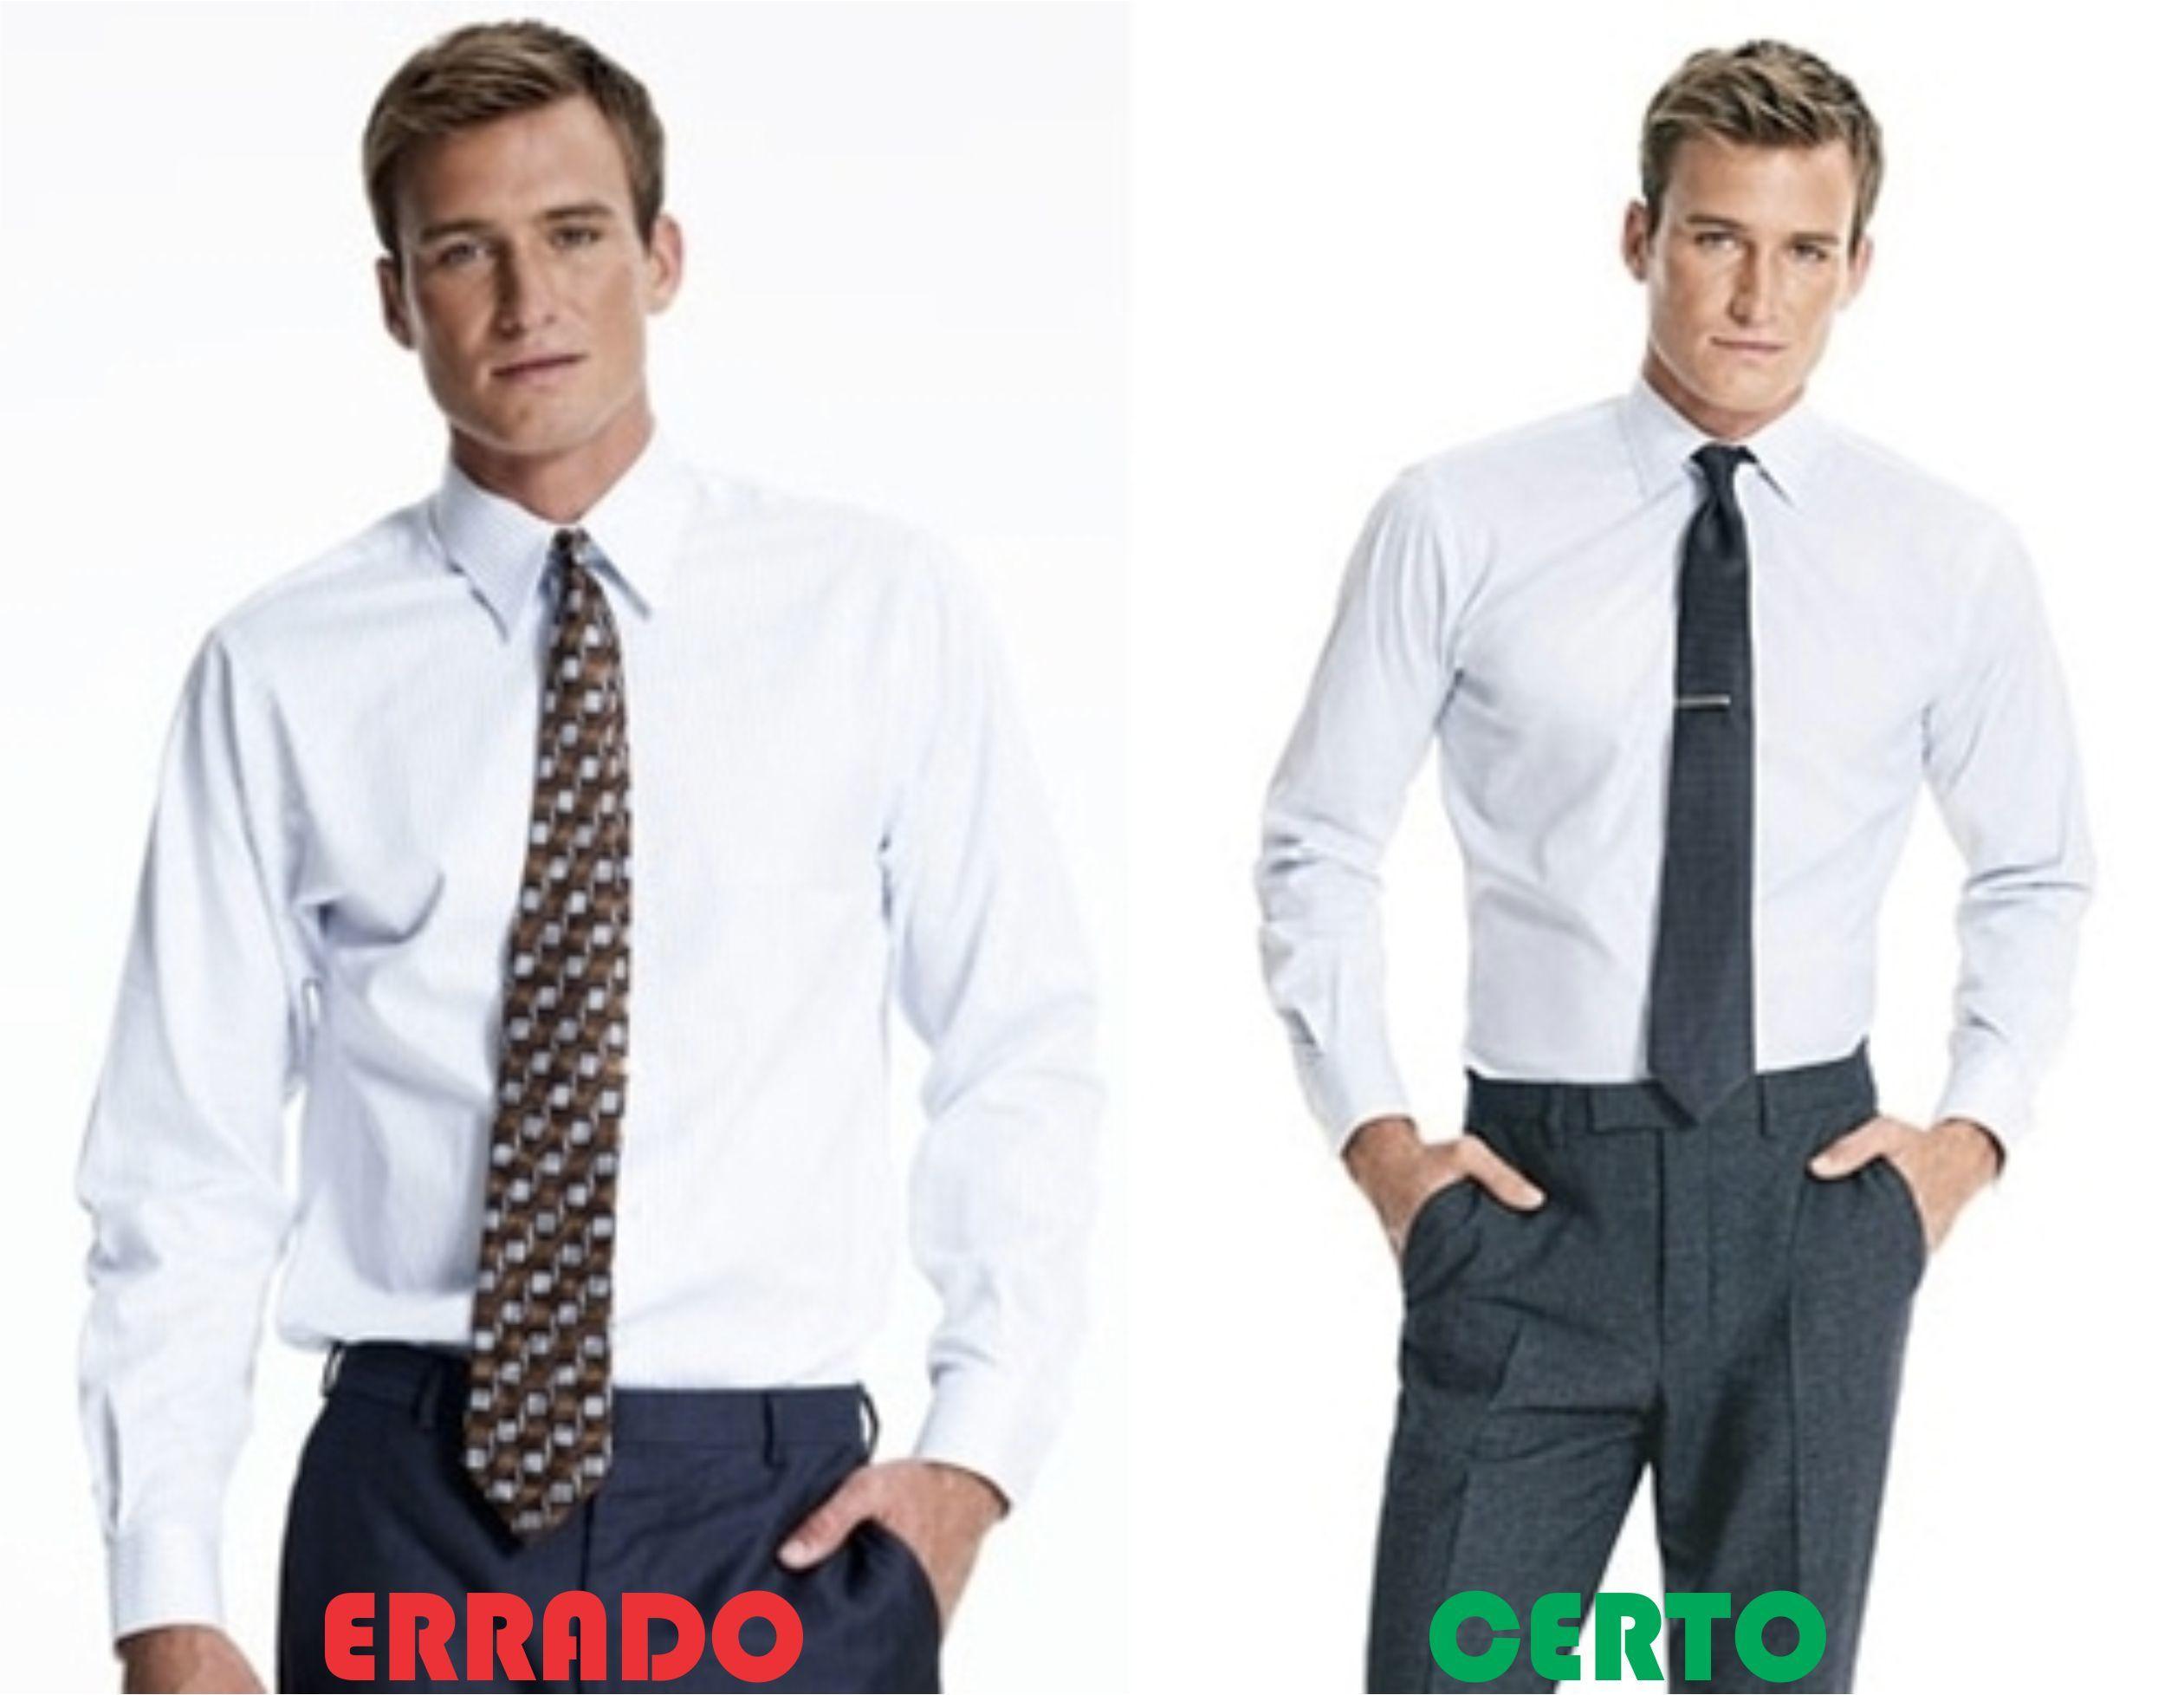 altura_correta_da_gravata_sos_solteiro